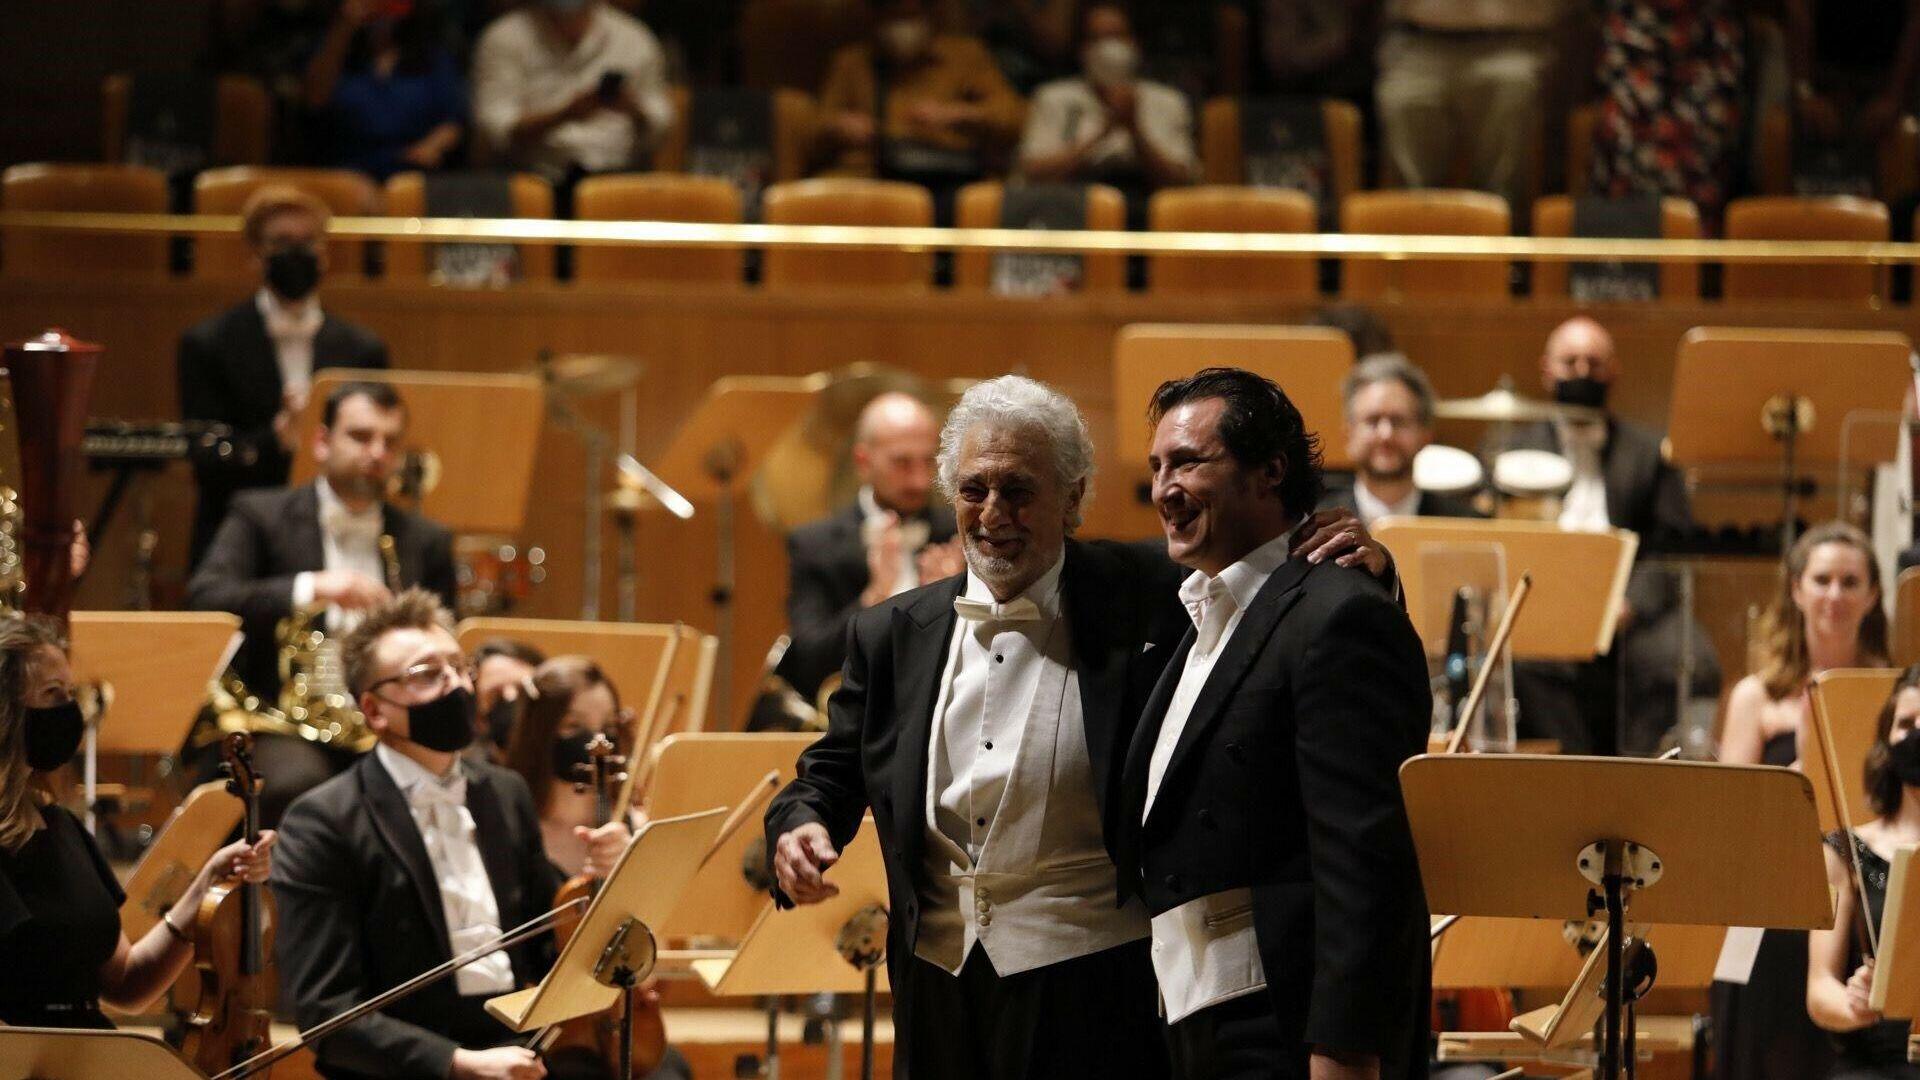 Aplausos y lágrimas: tremenda ovación a Plácido Domingo en Madrid tras su  vuelta a los escenarios - 10.06.2021, Sputnik Mundo